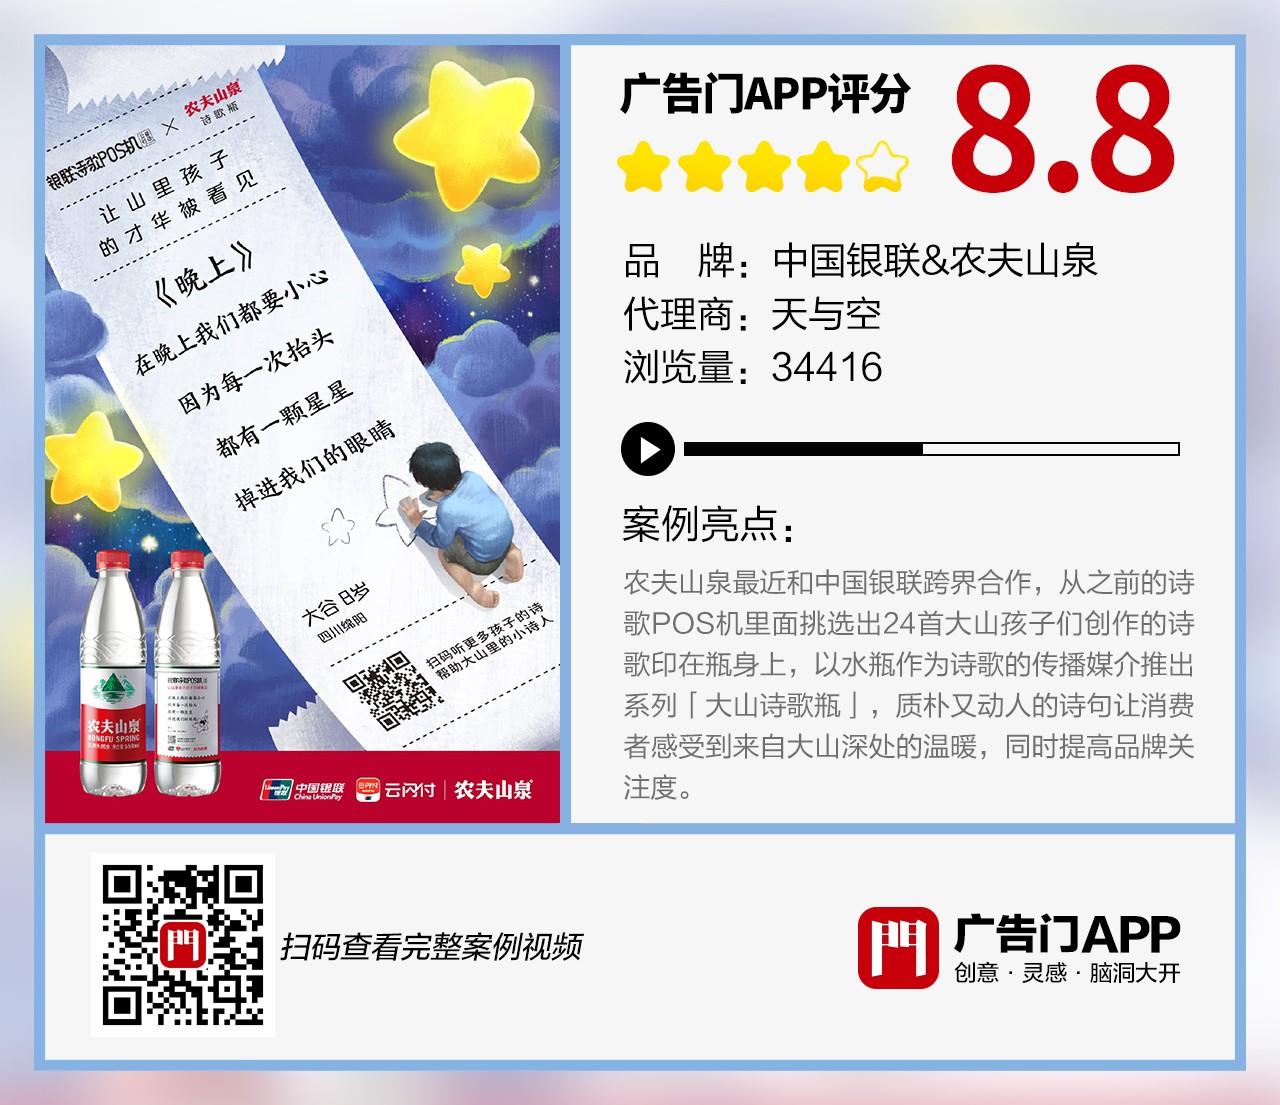 农夫山泉和中国银联这波跨界,太暖了!.jpg